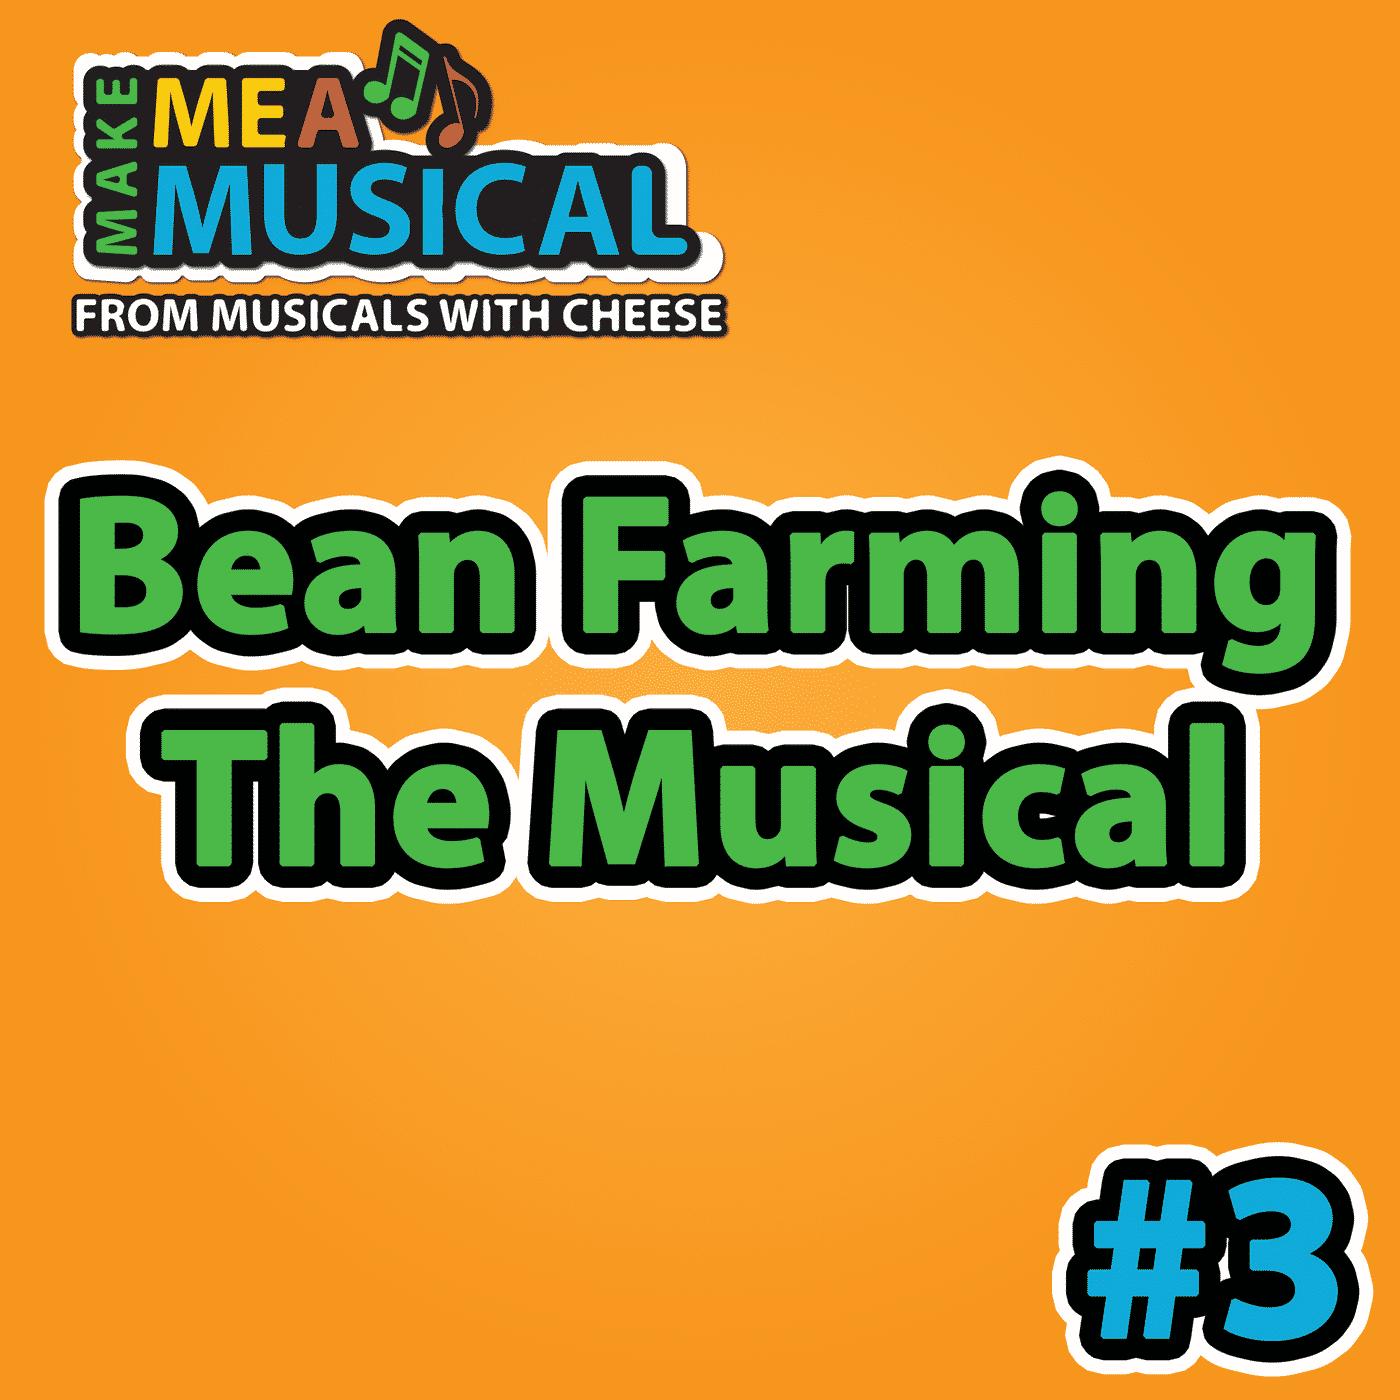 Bean Farming the Musical - Make me a Musical #3